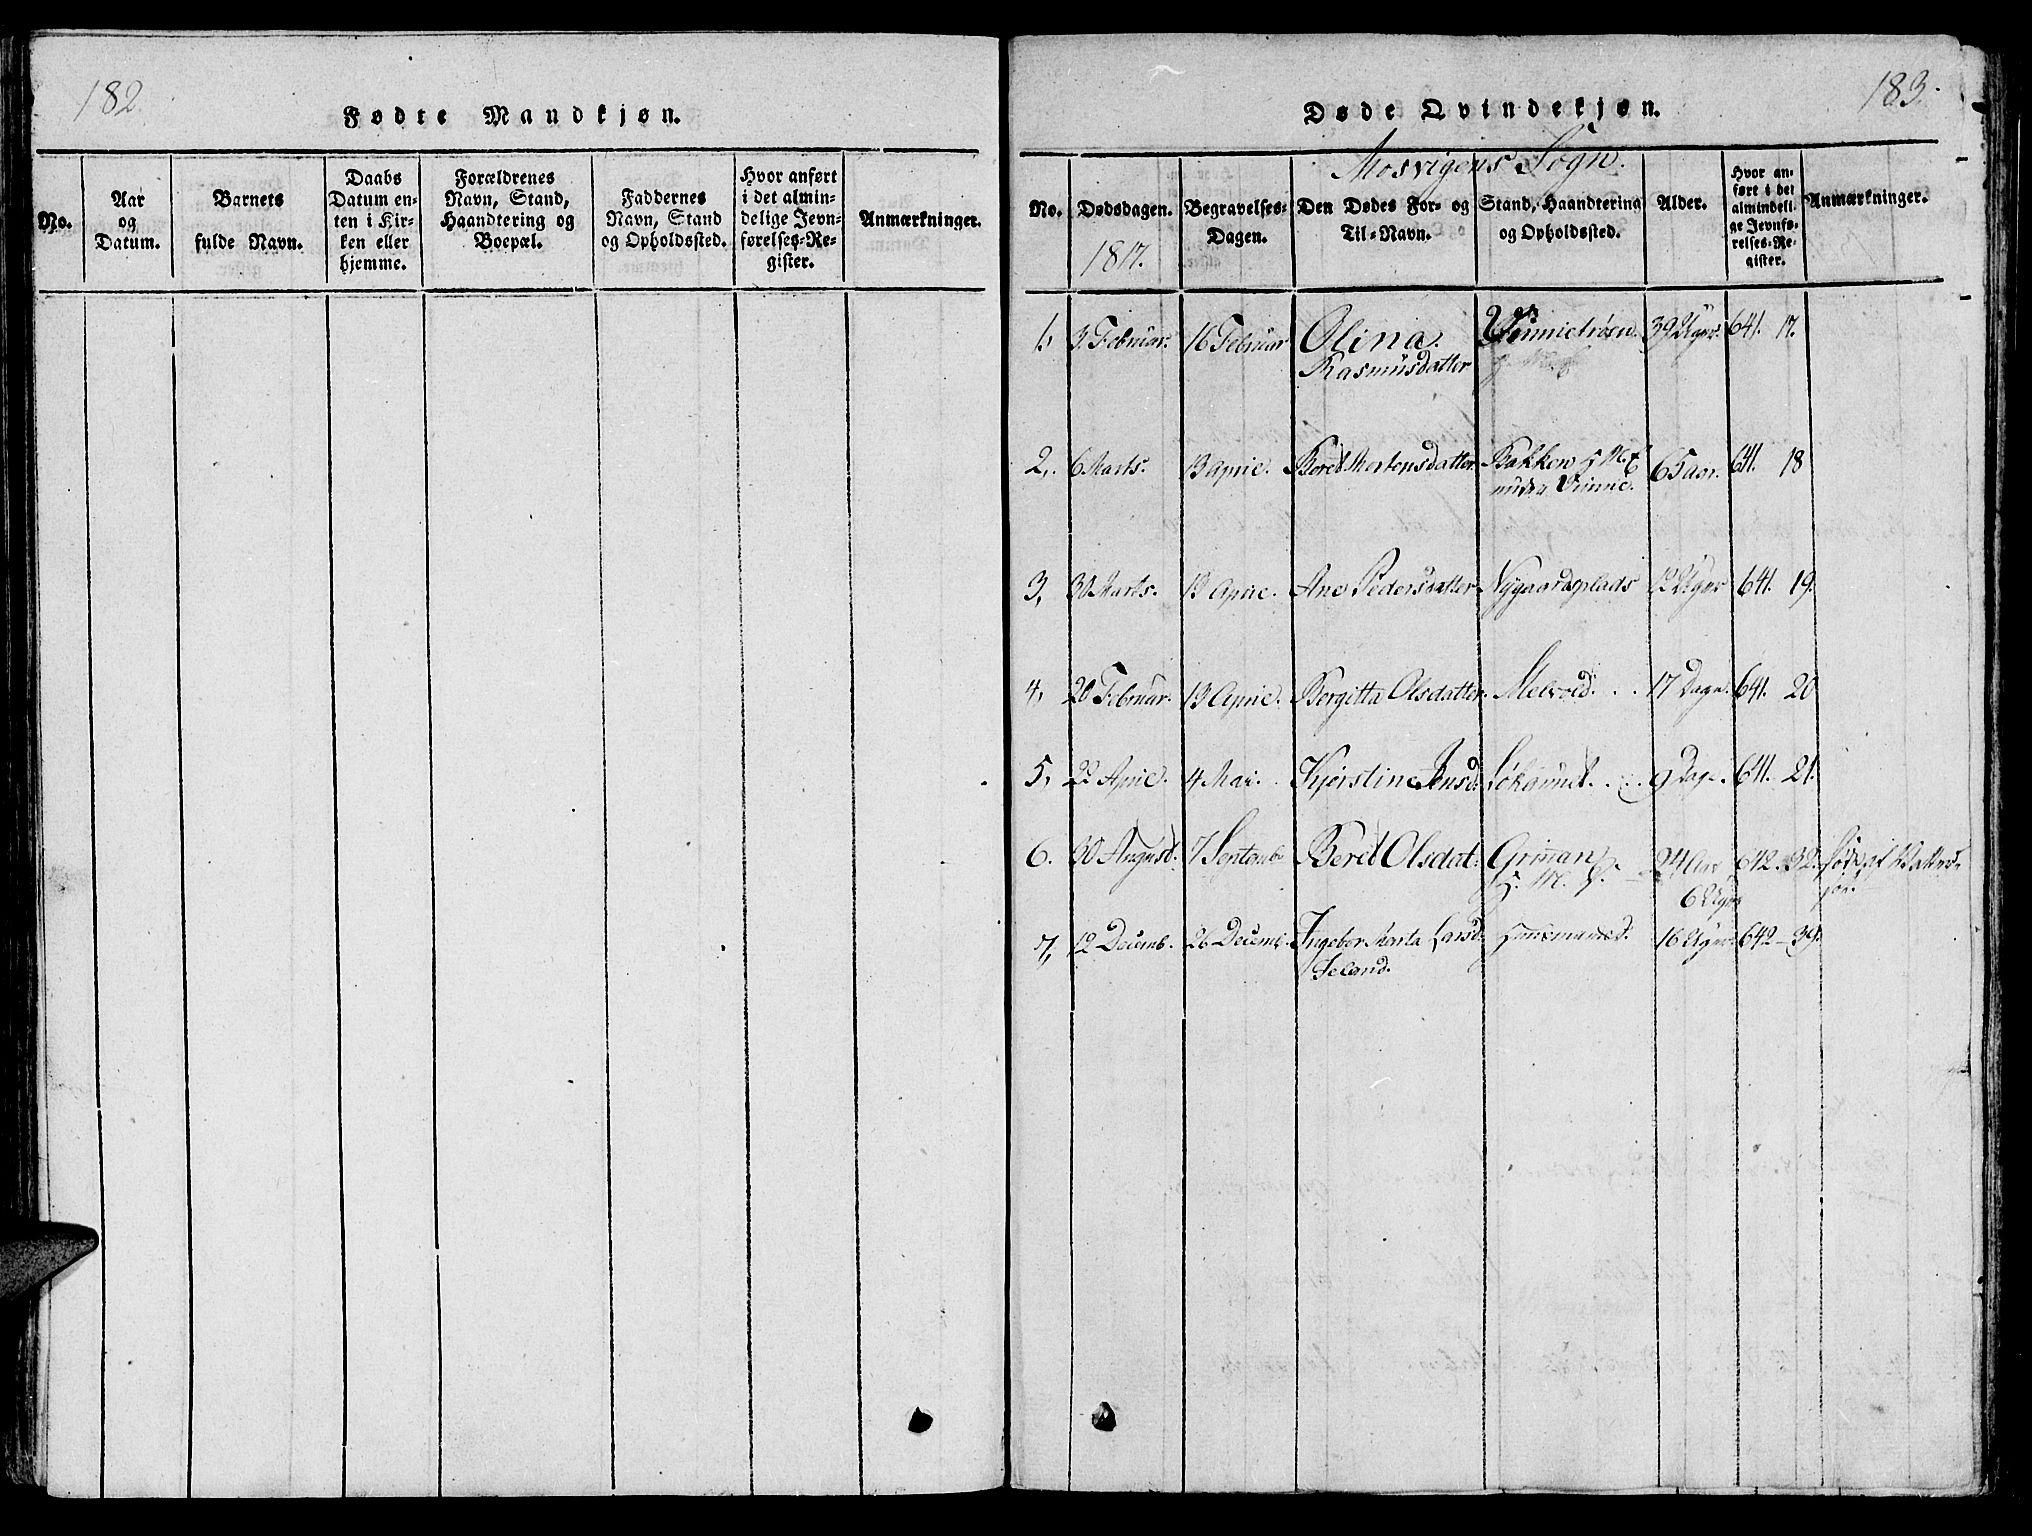 SAT, Ministerialprotokoller, klokkerbøker og fødselsregistre - Nord-Trøndelag, 733/L0322: Parish register (official) no. 733A01, 1817-1842, p. 182-183